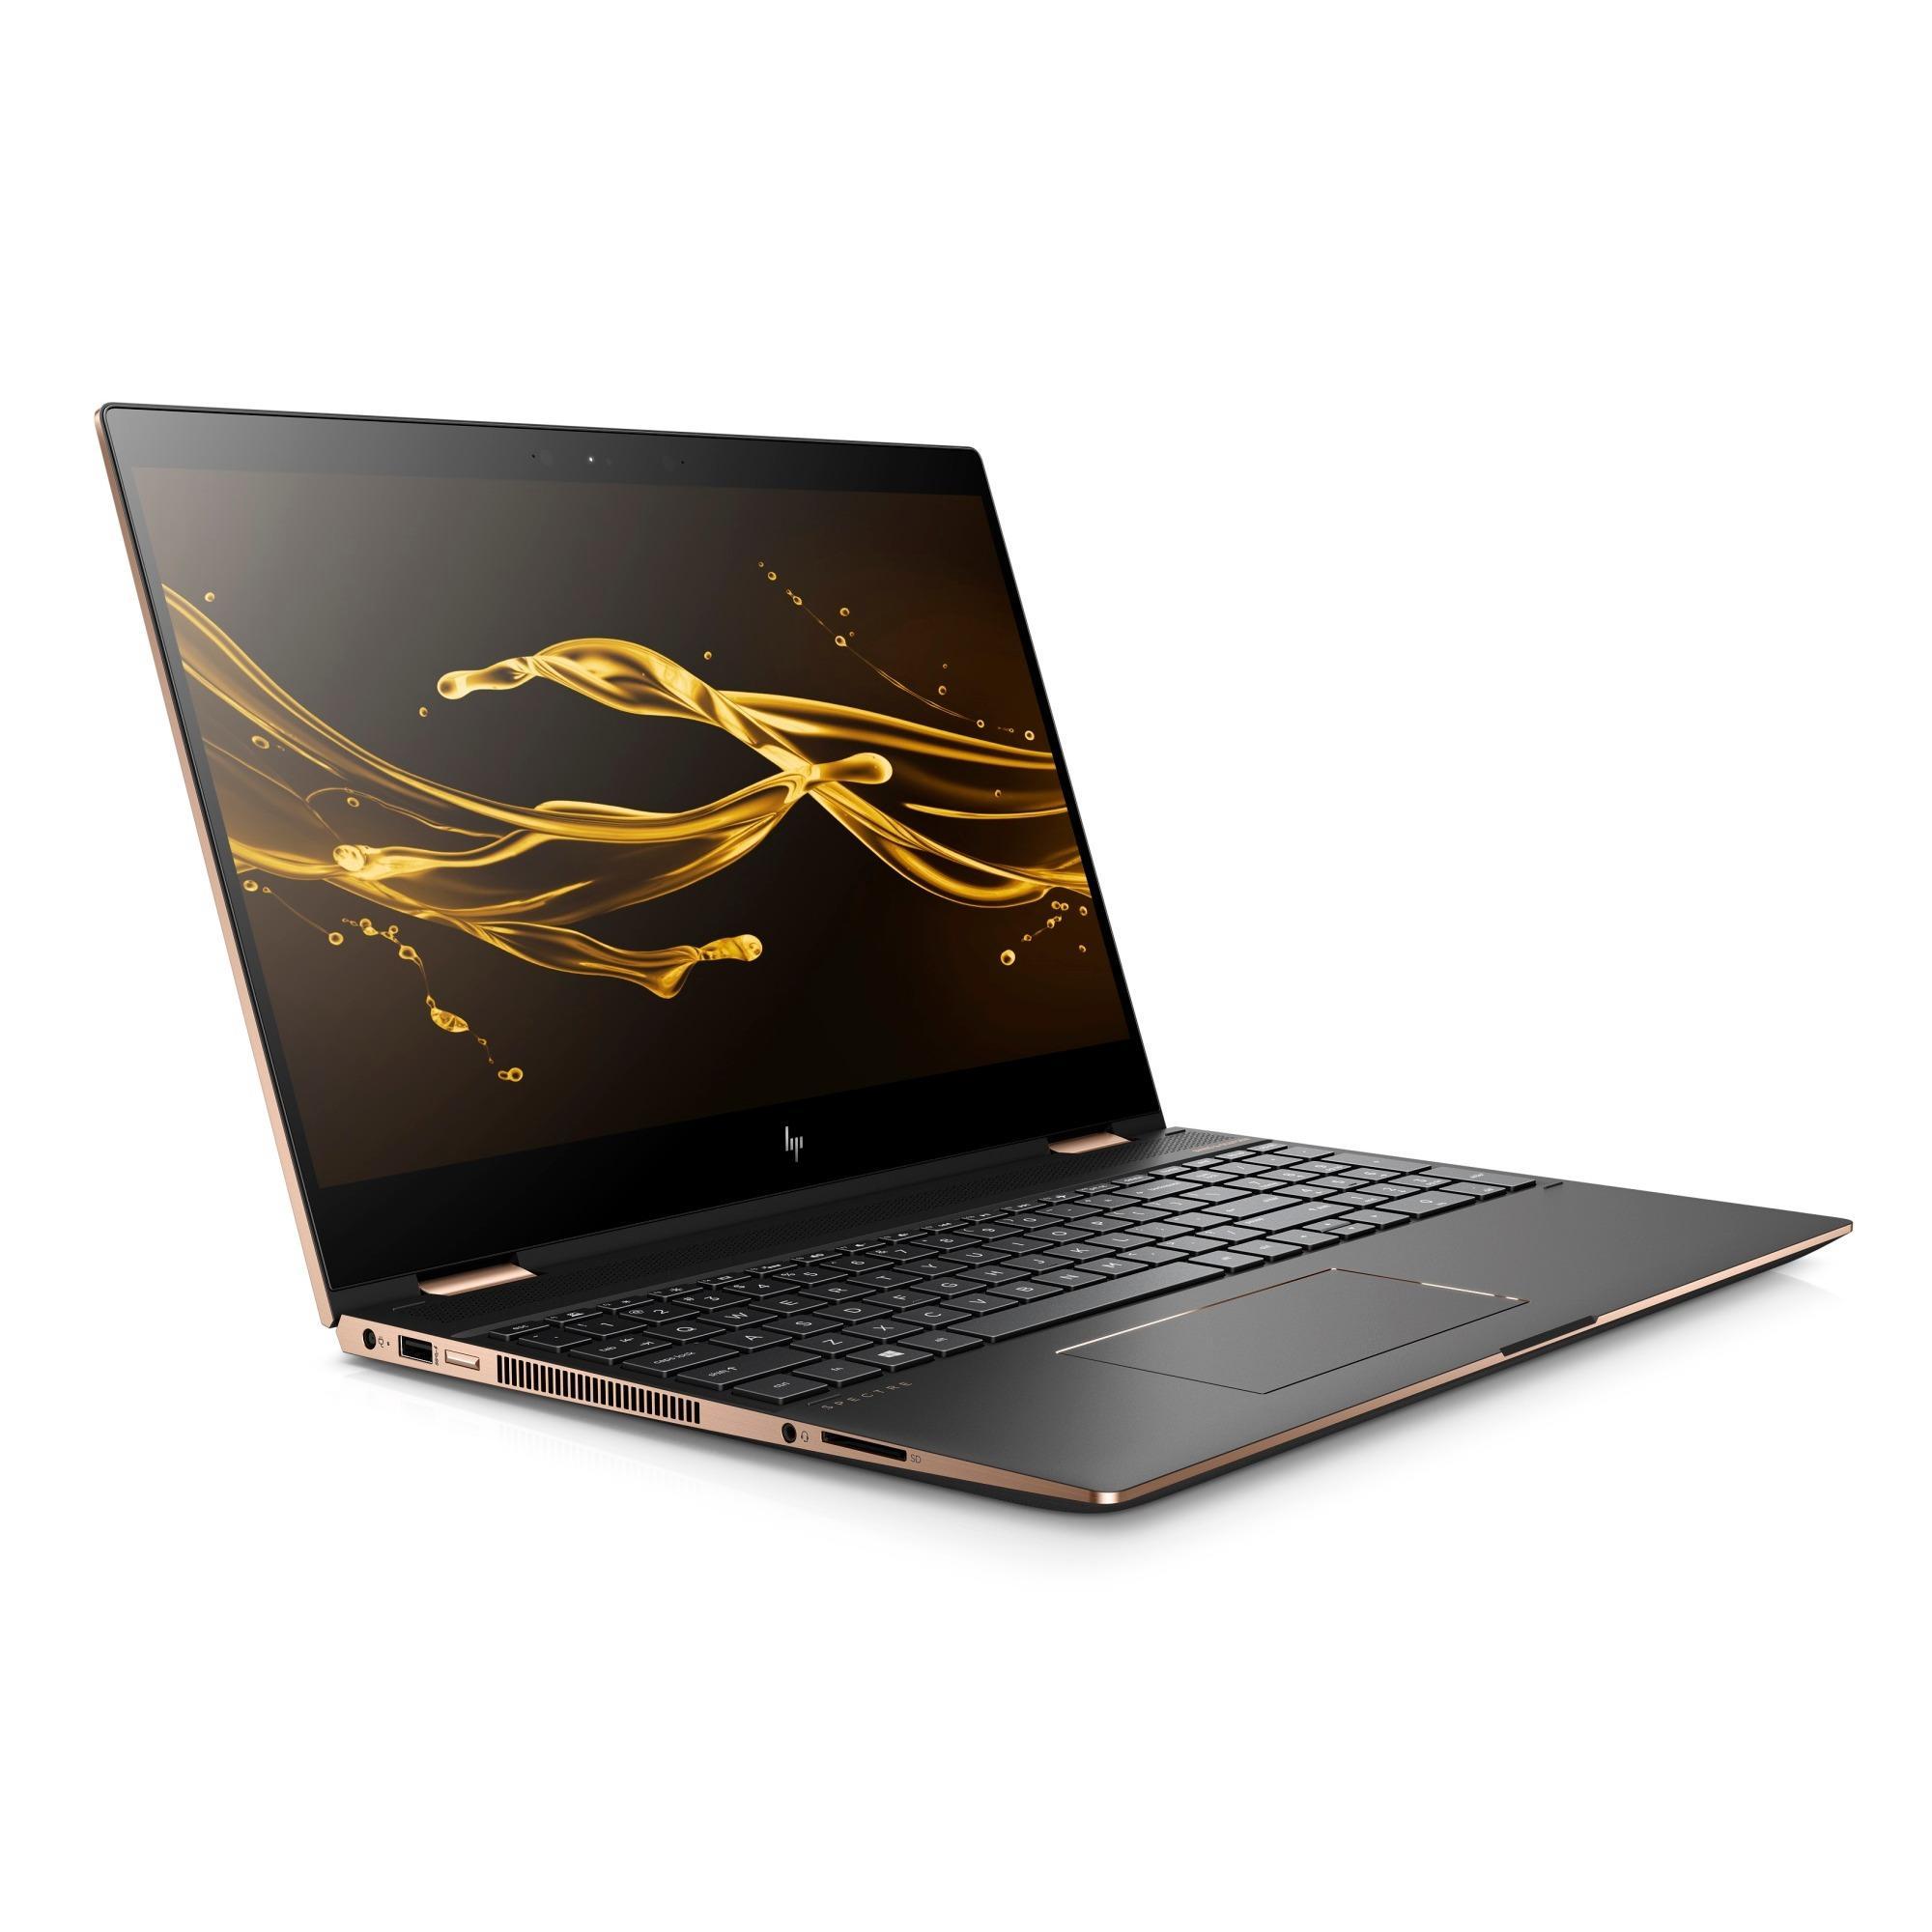 Hình ảnh HP Spectre 15 x360 i7-8550U RAM 16GB SSD 512 15in 4K Touch - Hàng nhập khẩu